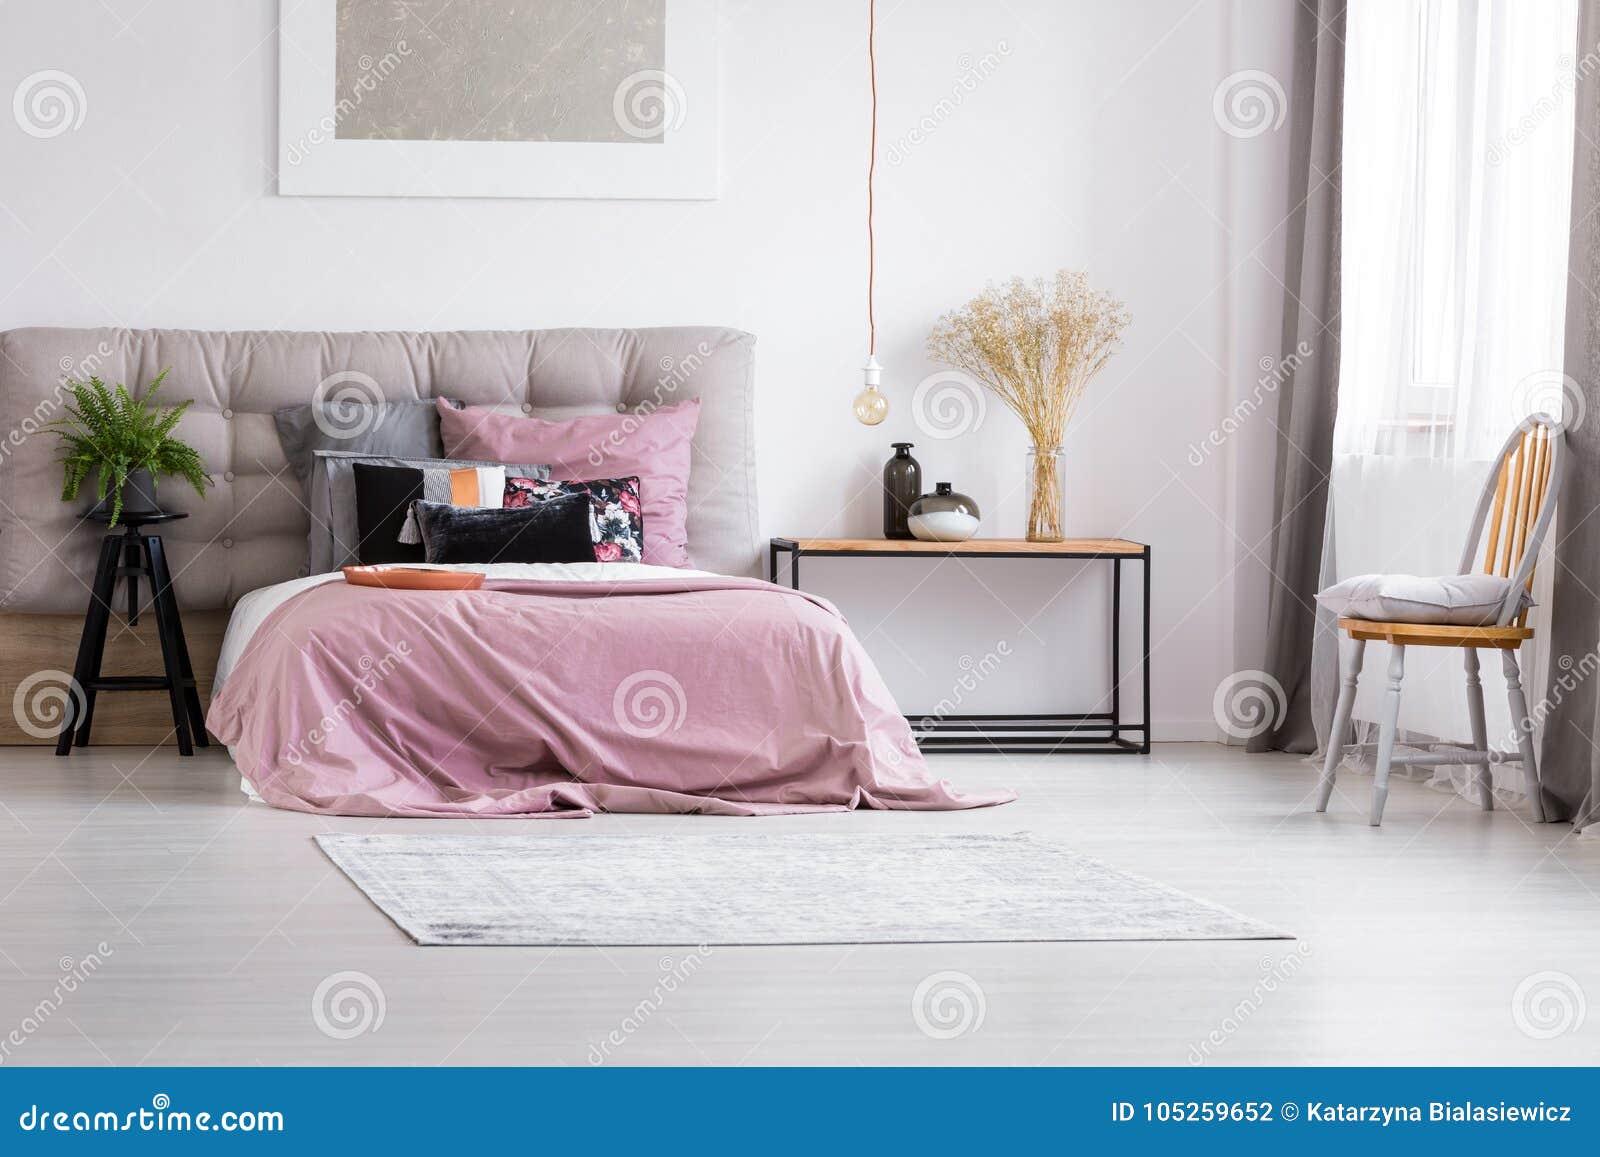 Illuminazione Camera Da Letto Contemporanea : Camera da letto minimalista con illuminazione contemporanea